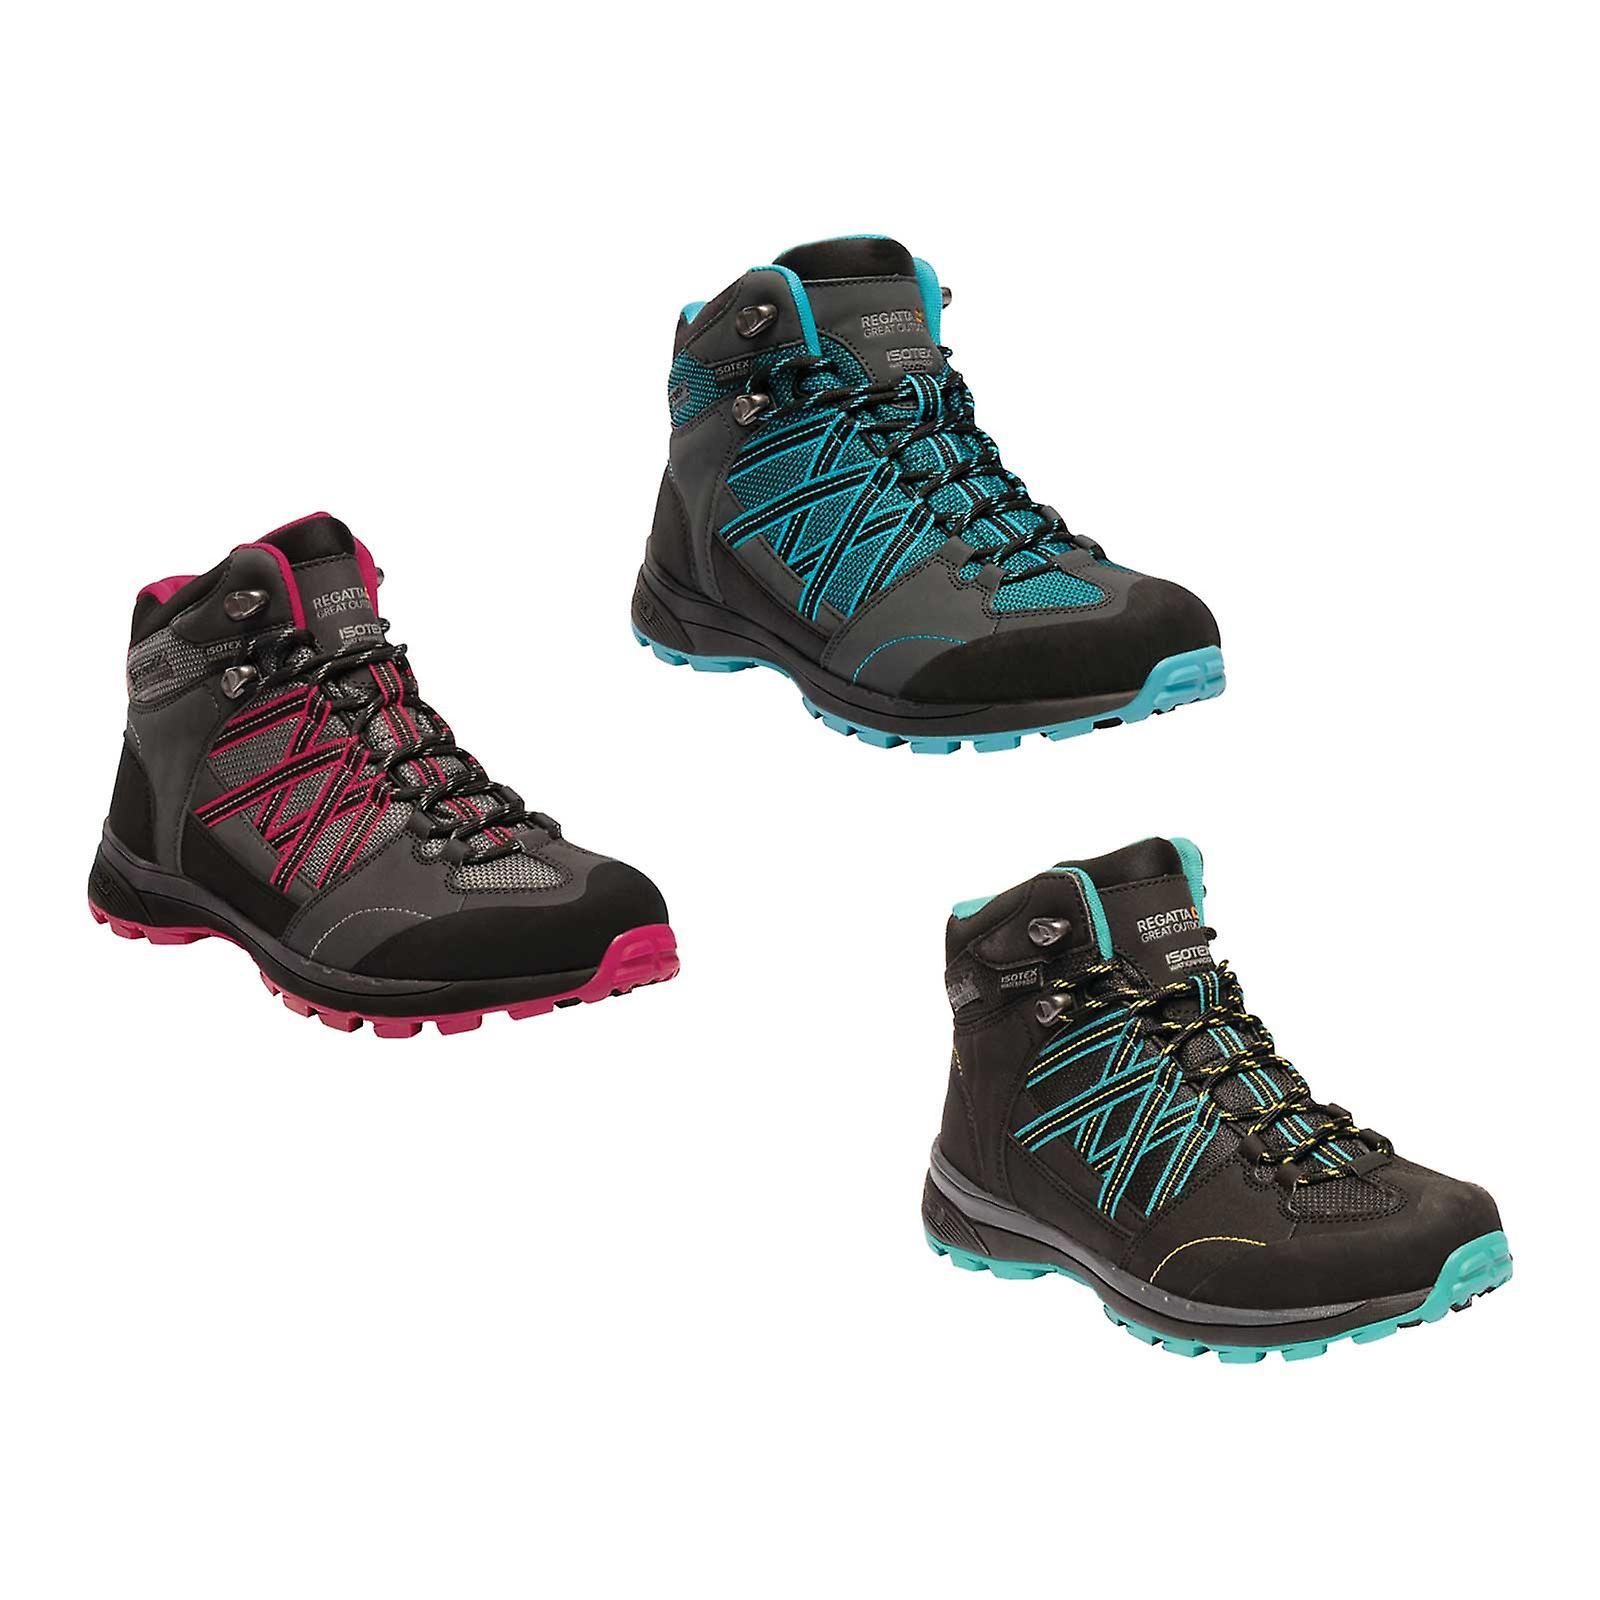 c3b0d9315d5 Regatta Ladies Samaris II Mid Waterproof Boots